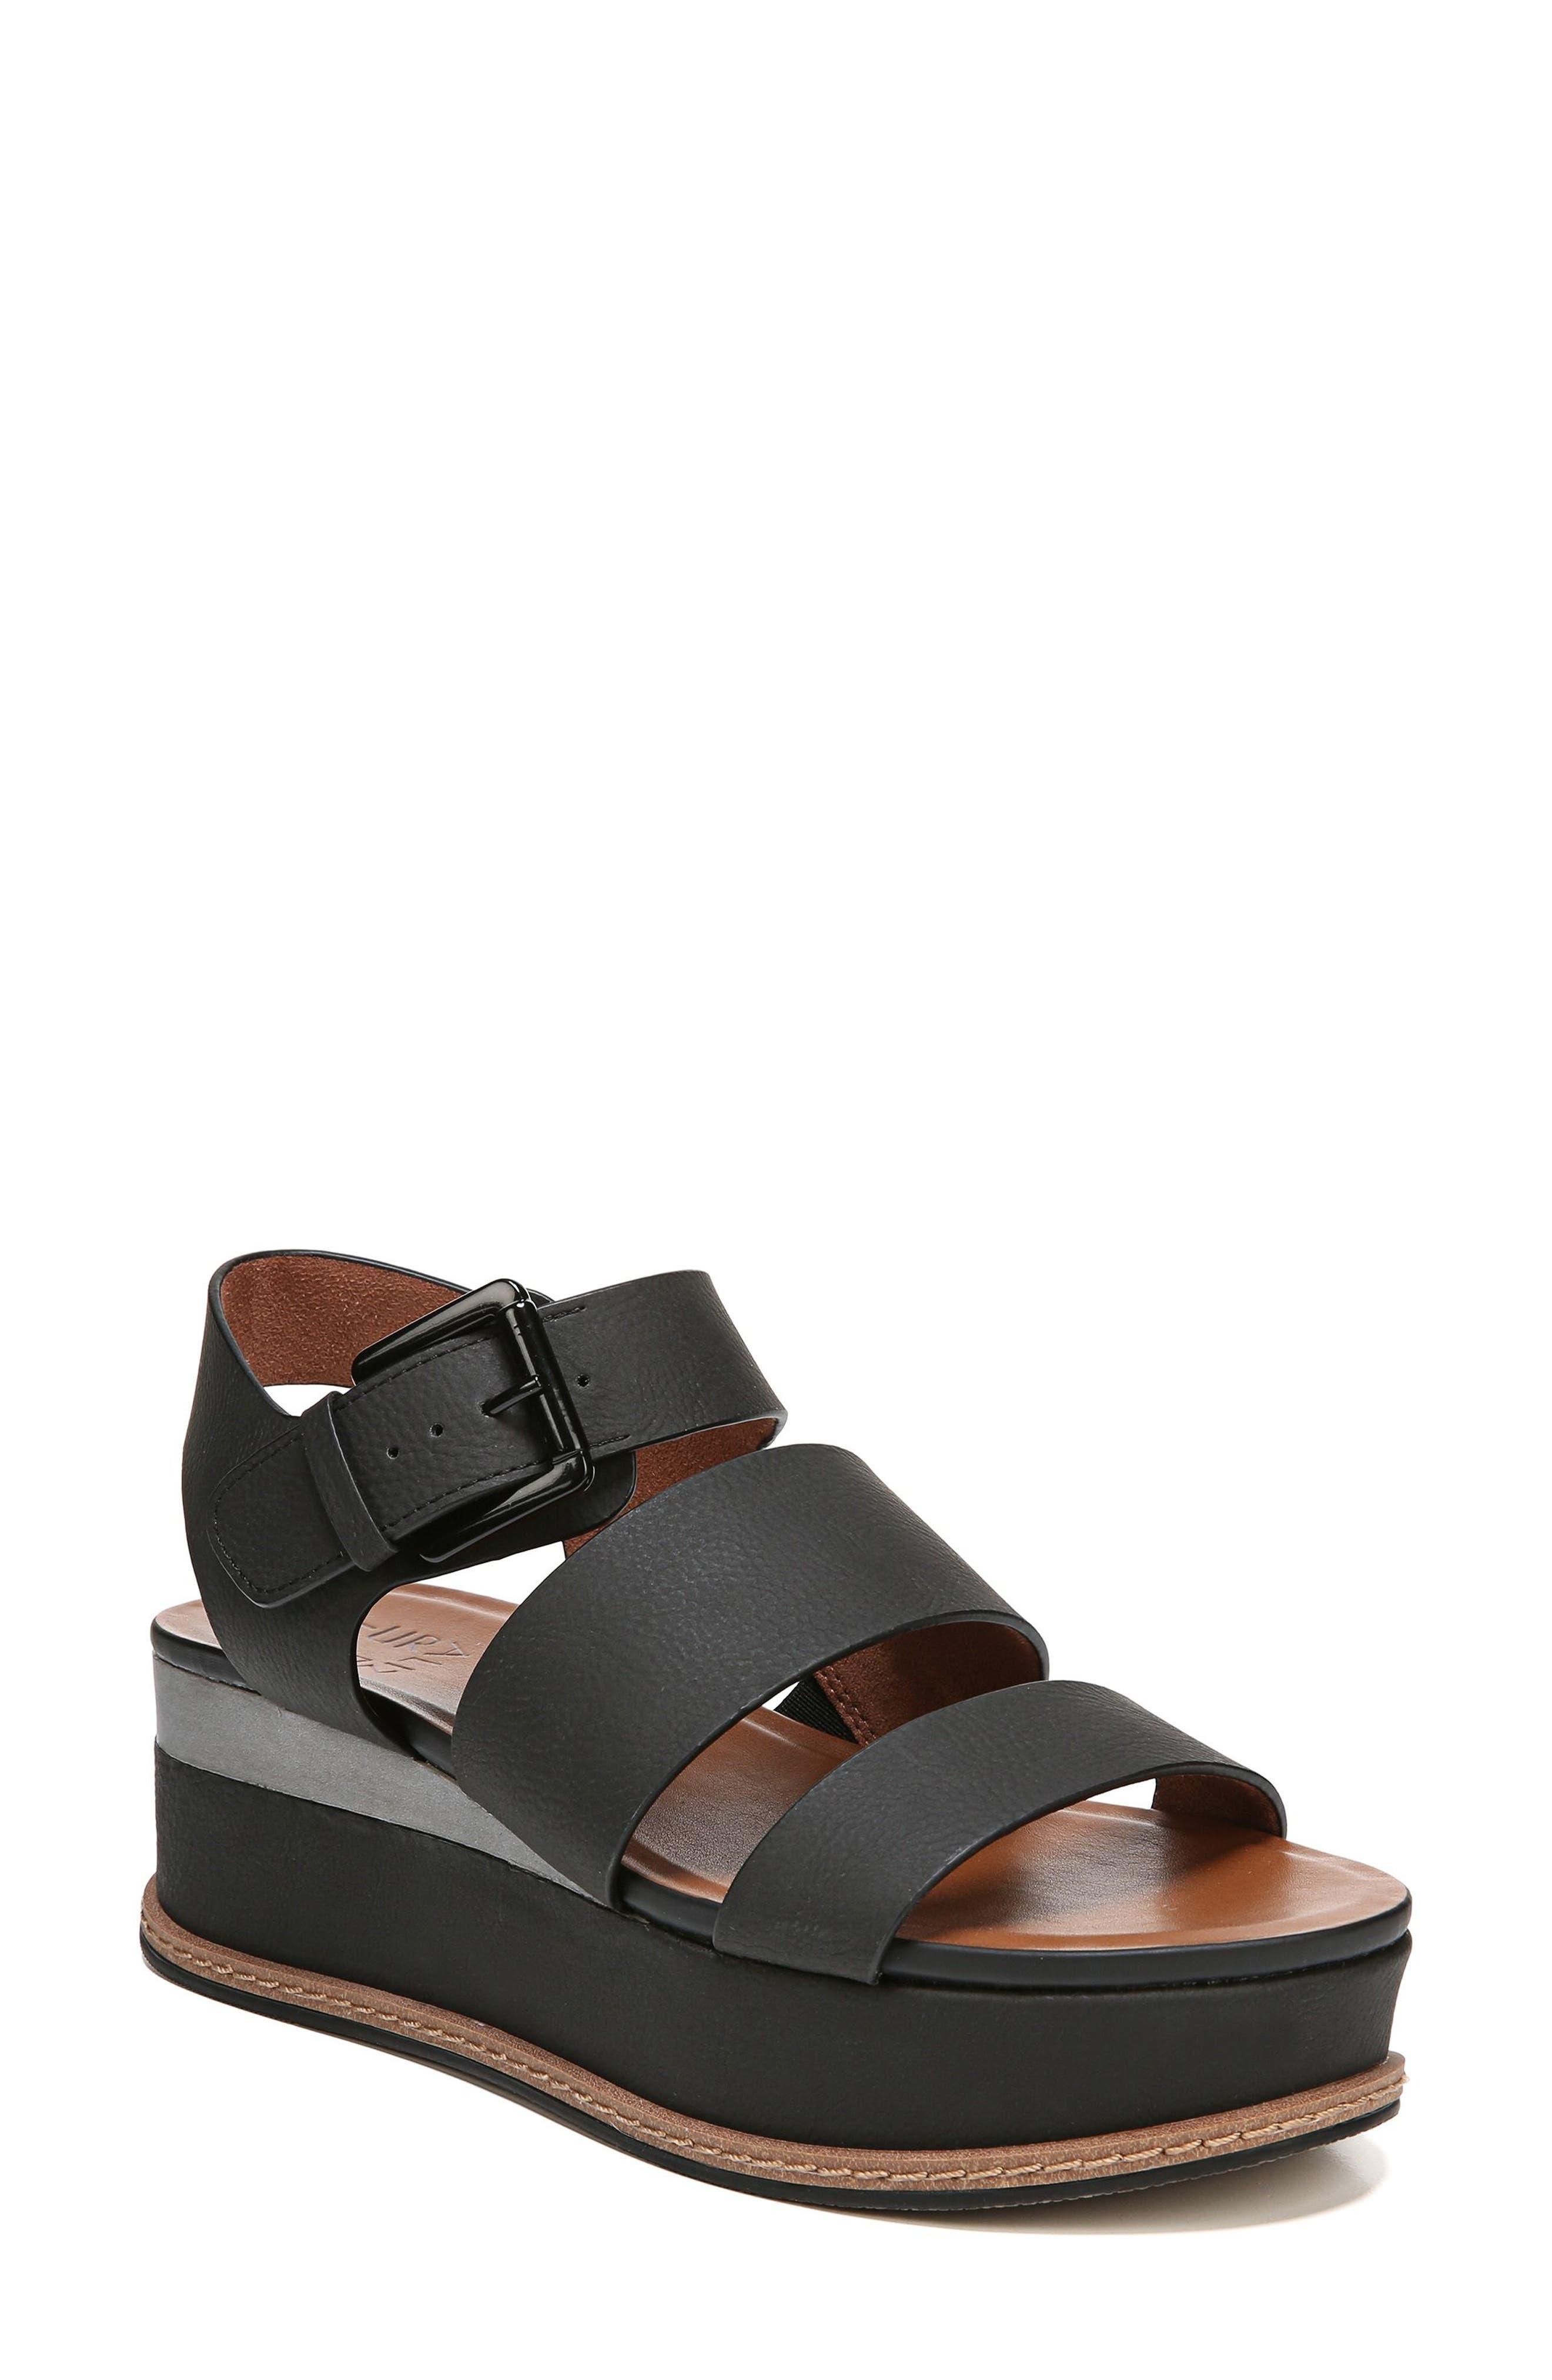 Naturalizer Billie Platform Sandal- Black